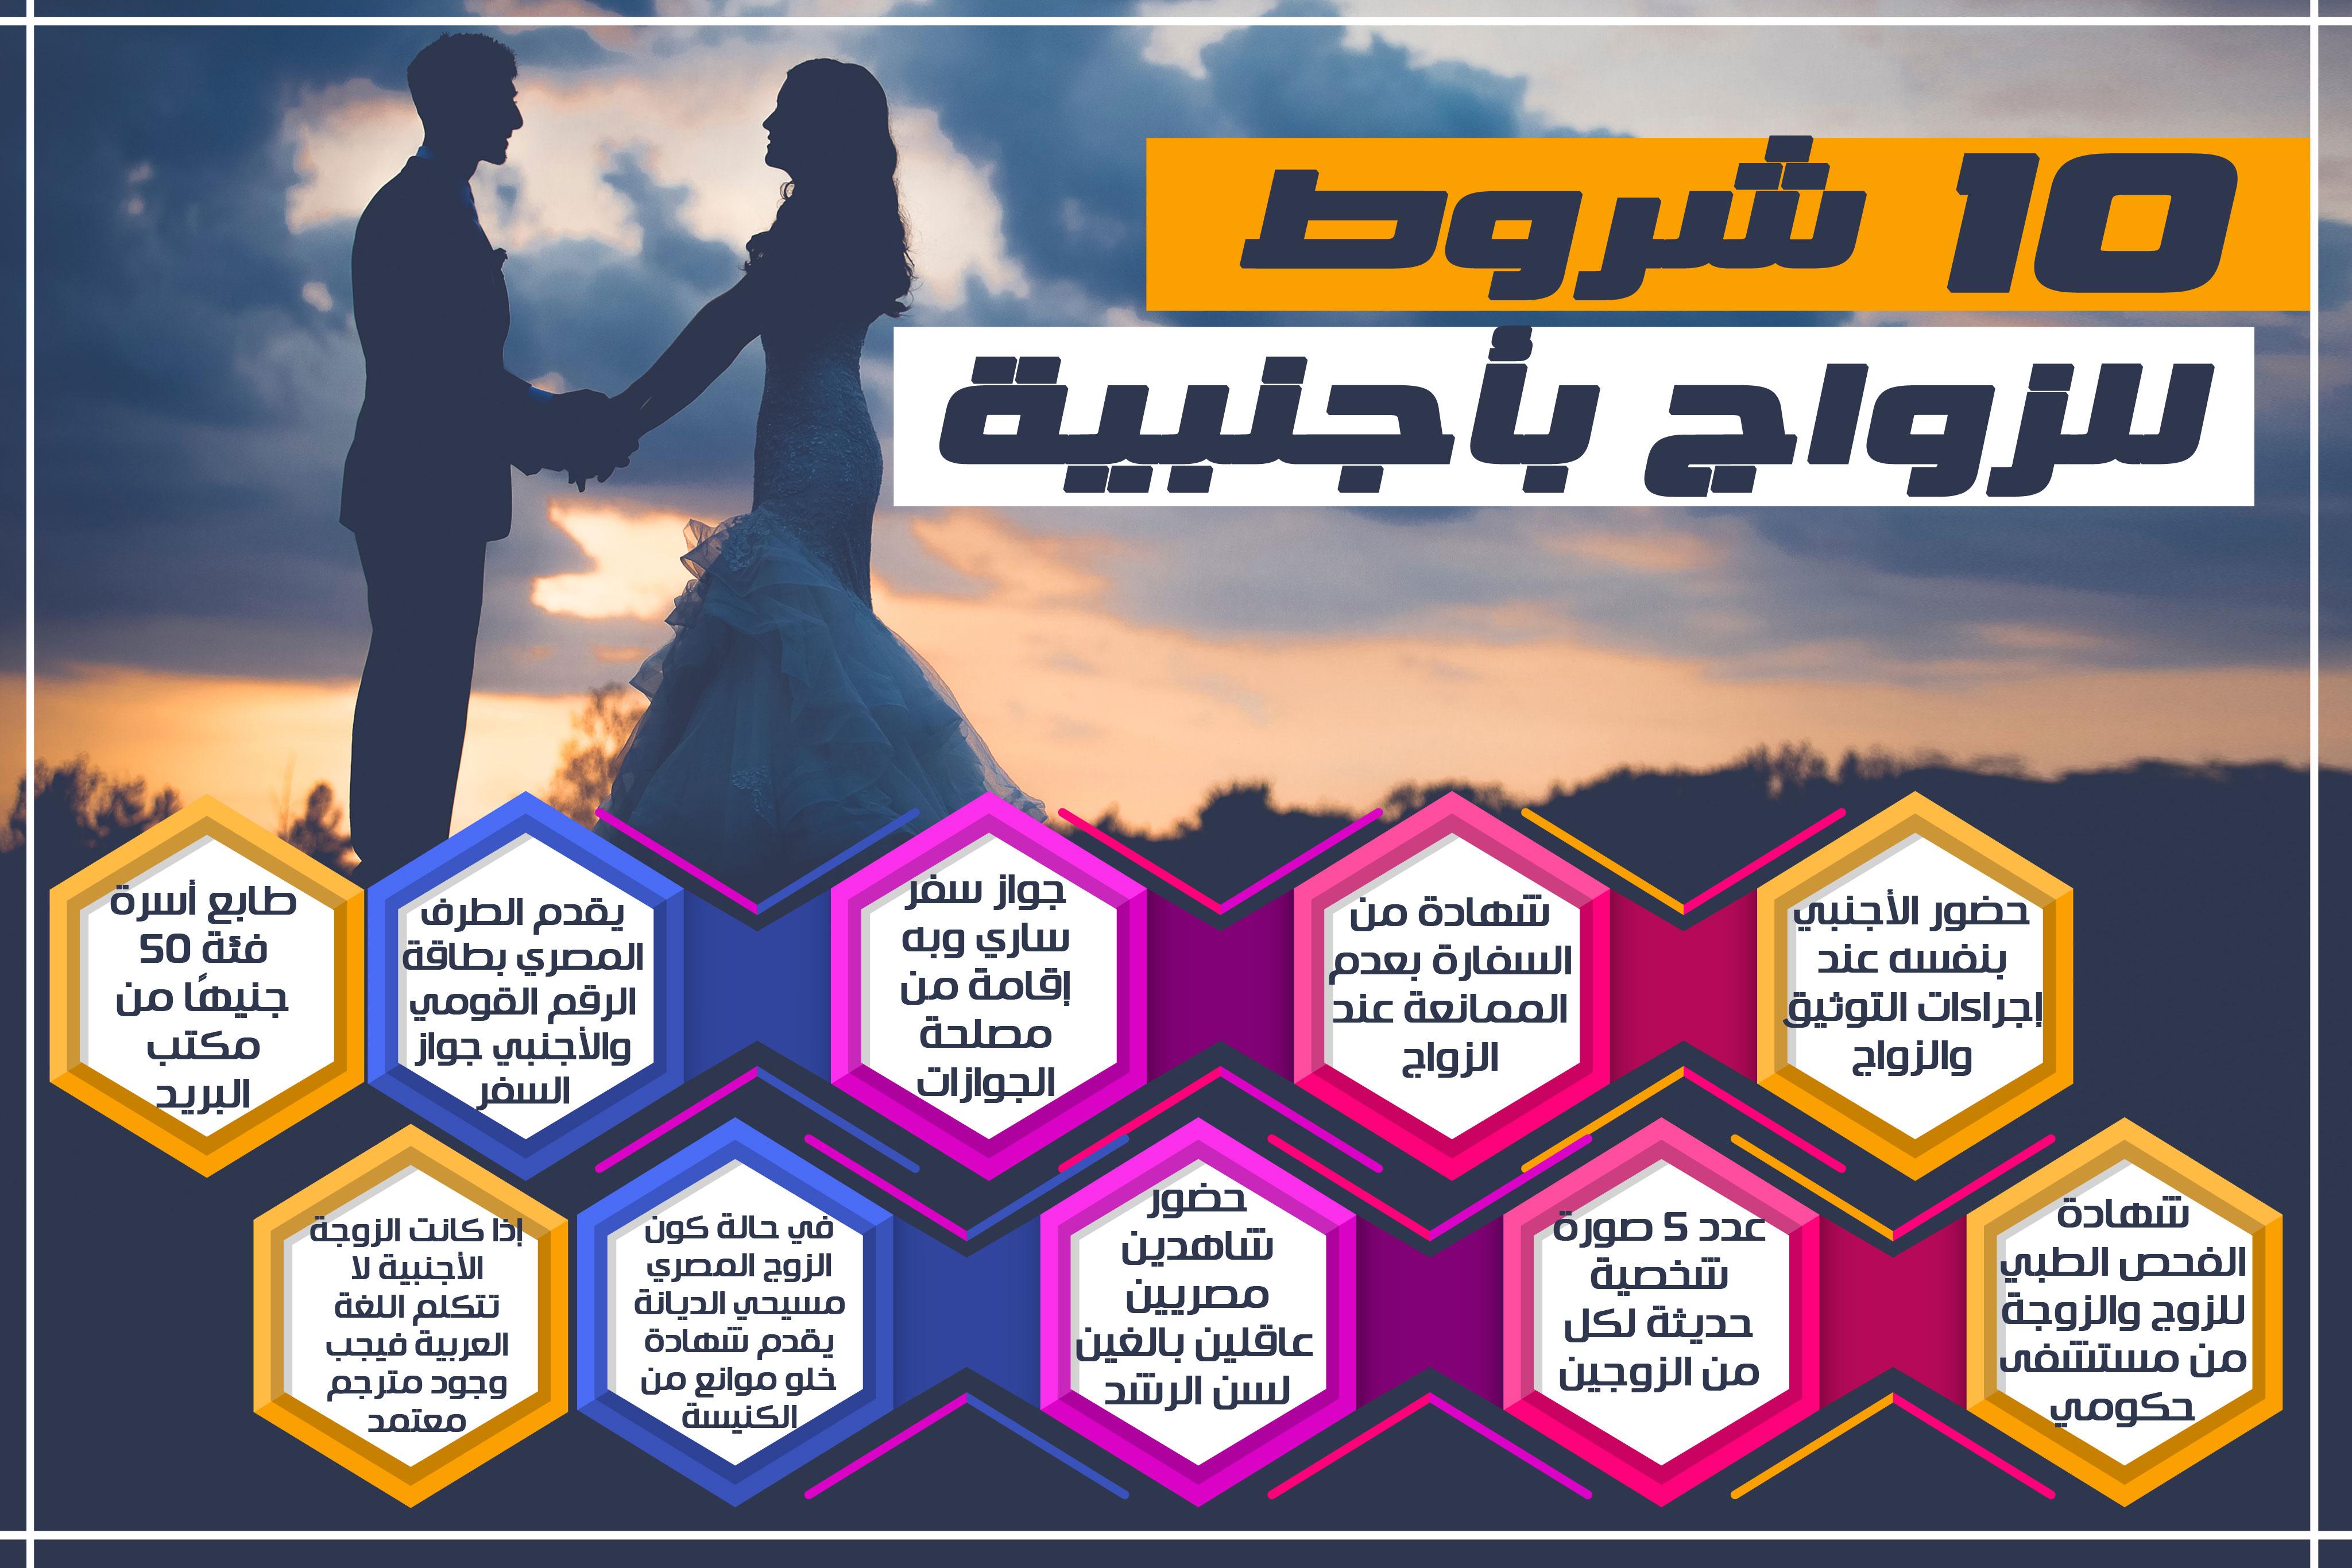 الغاء تصريح الزواج